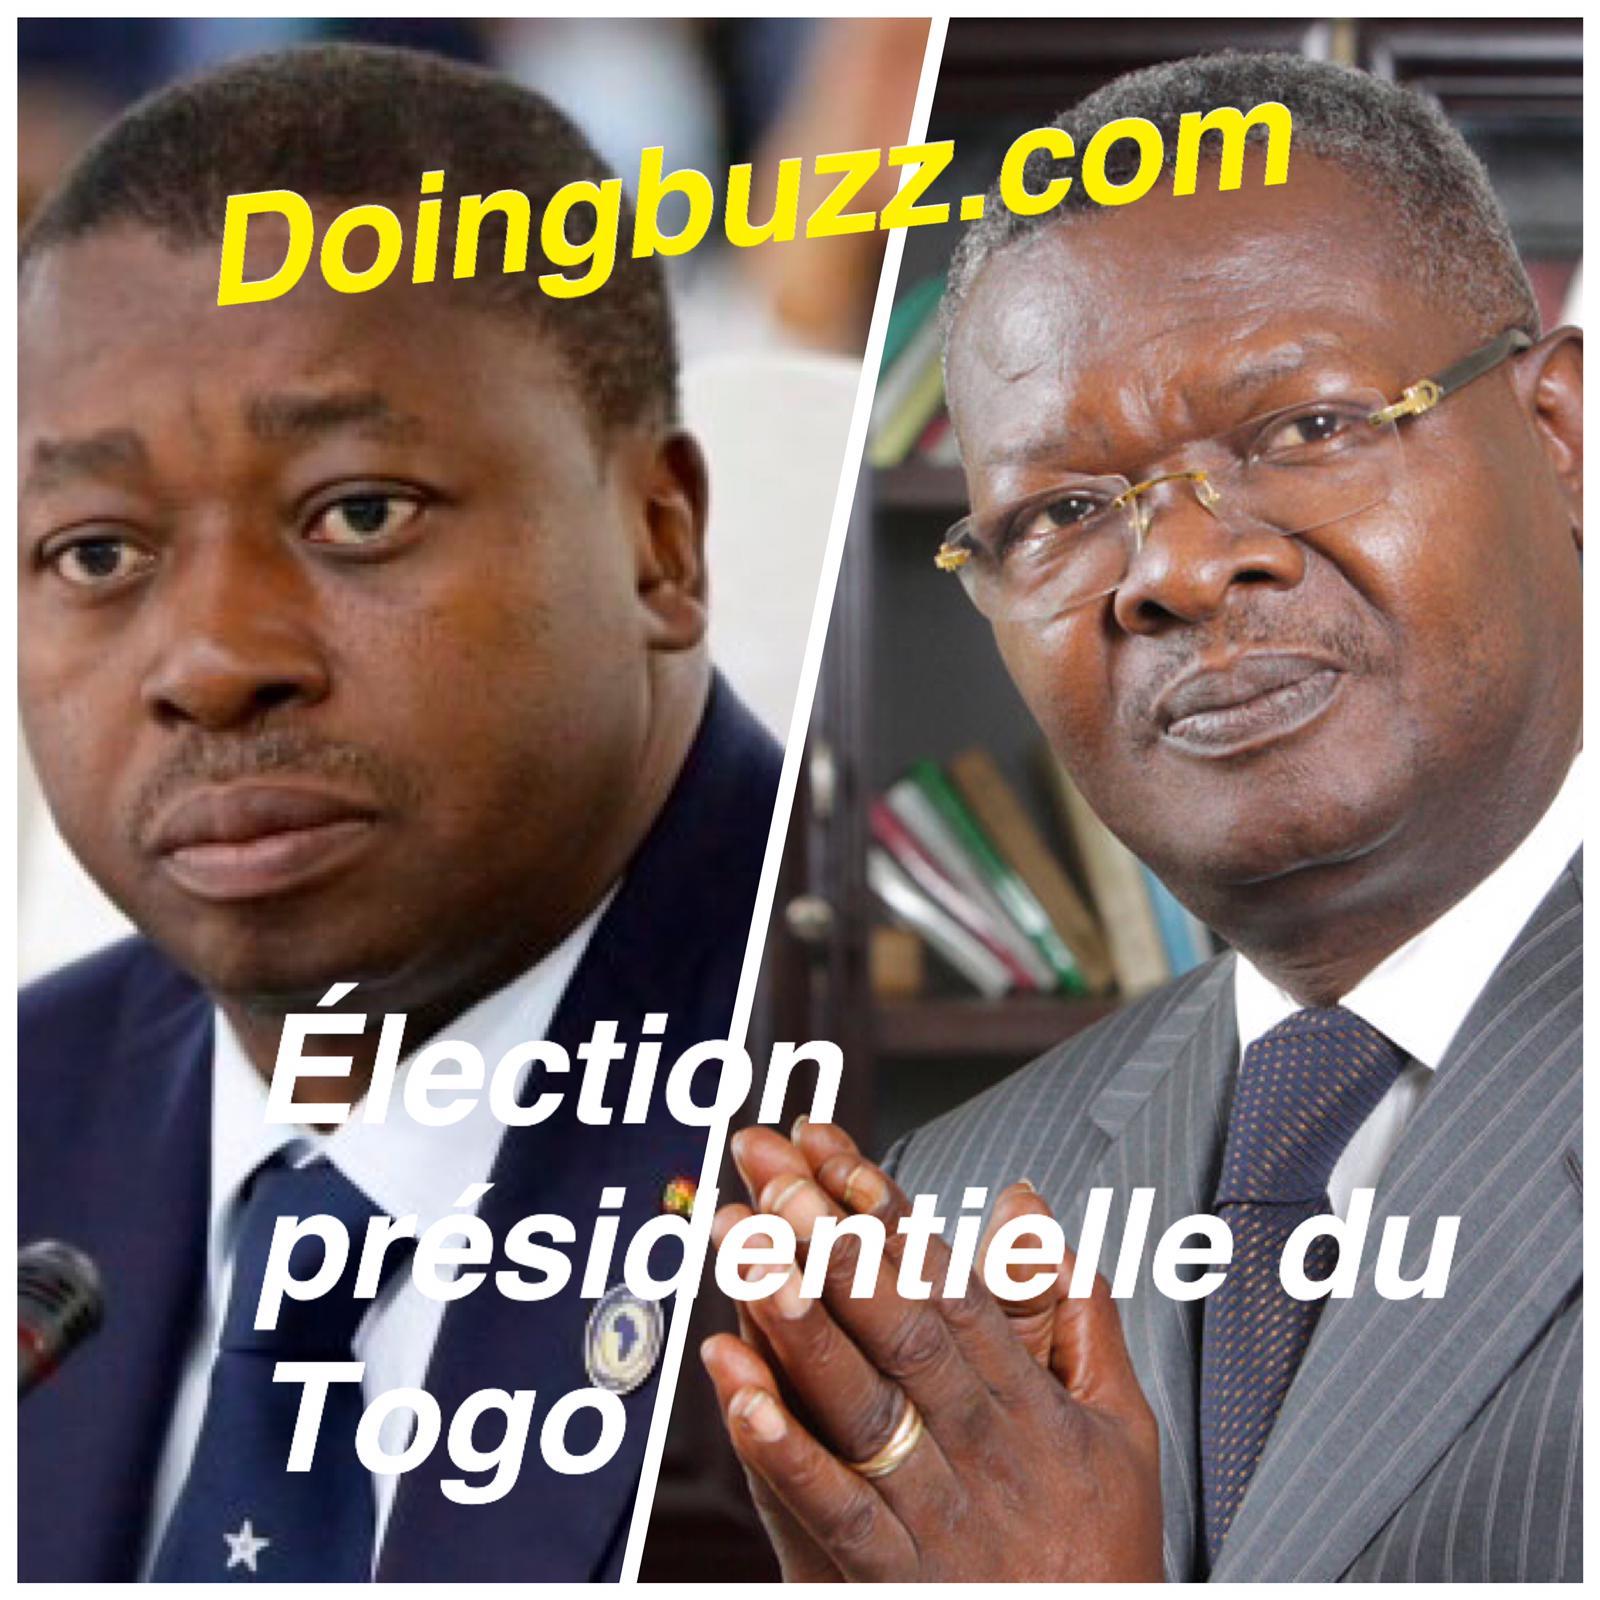 TOGO – Présidentielle : la campagne électorale bat son plein ( LM7 08 02 2020 P2 )